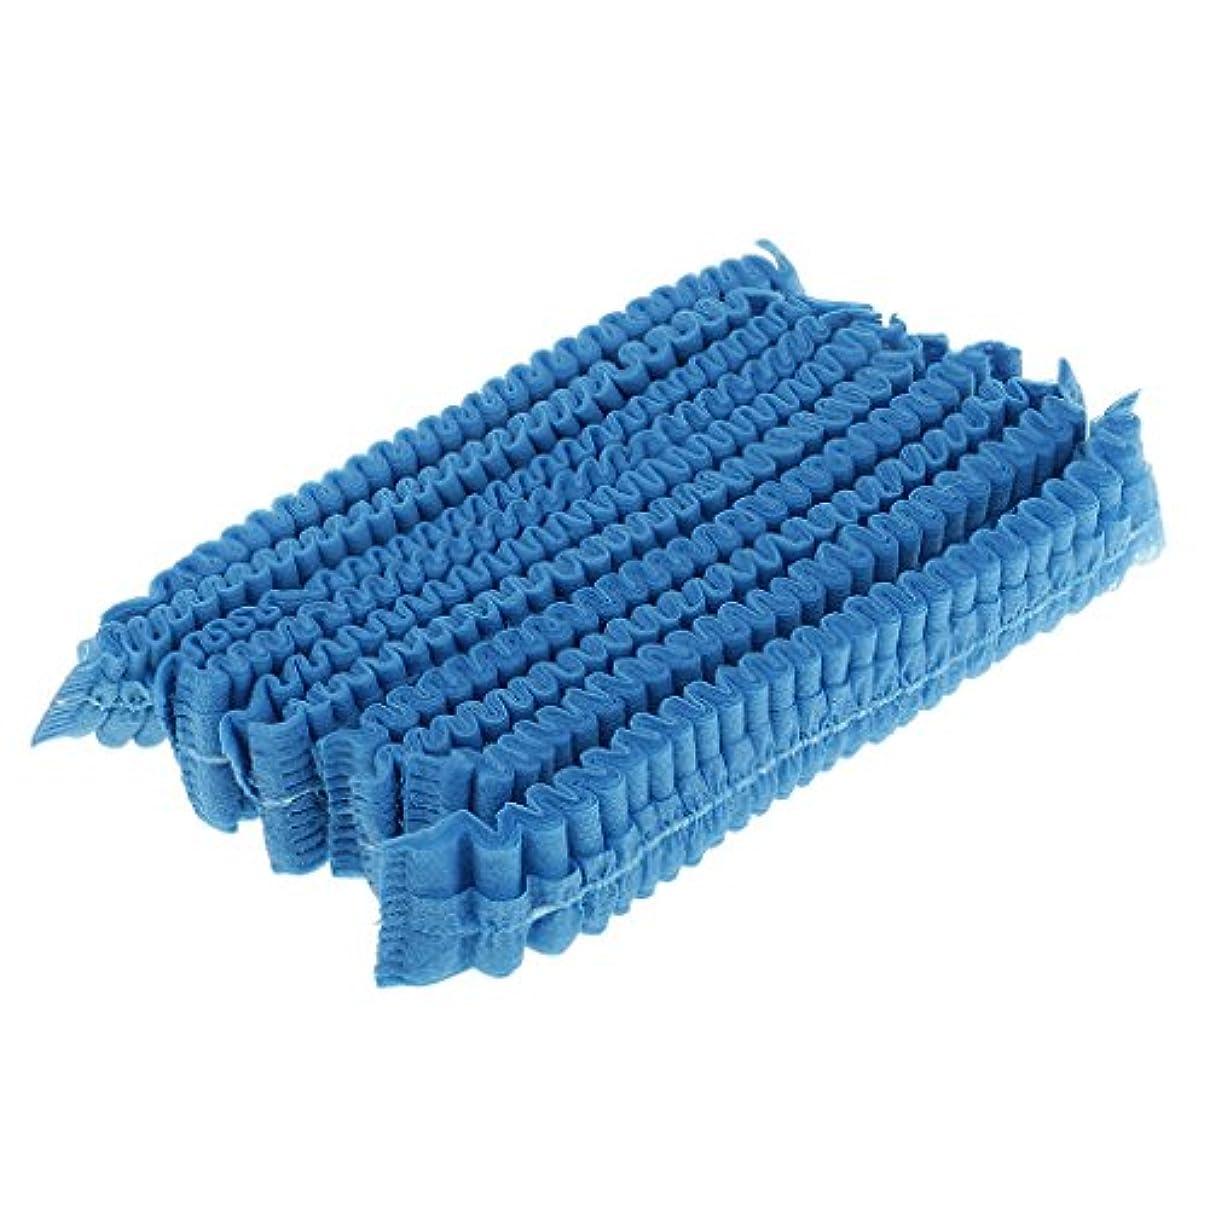 マッシュ元の竜巻Baoblaze ディスポキャップ ネットキャップ 使い捨て フリーサイズ ヘアキャップ 不織布 衛生帽子 10個入り